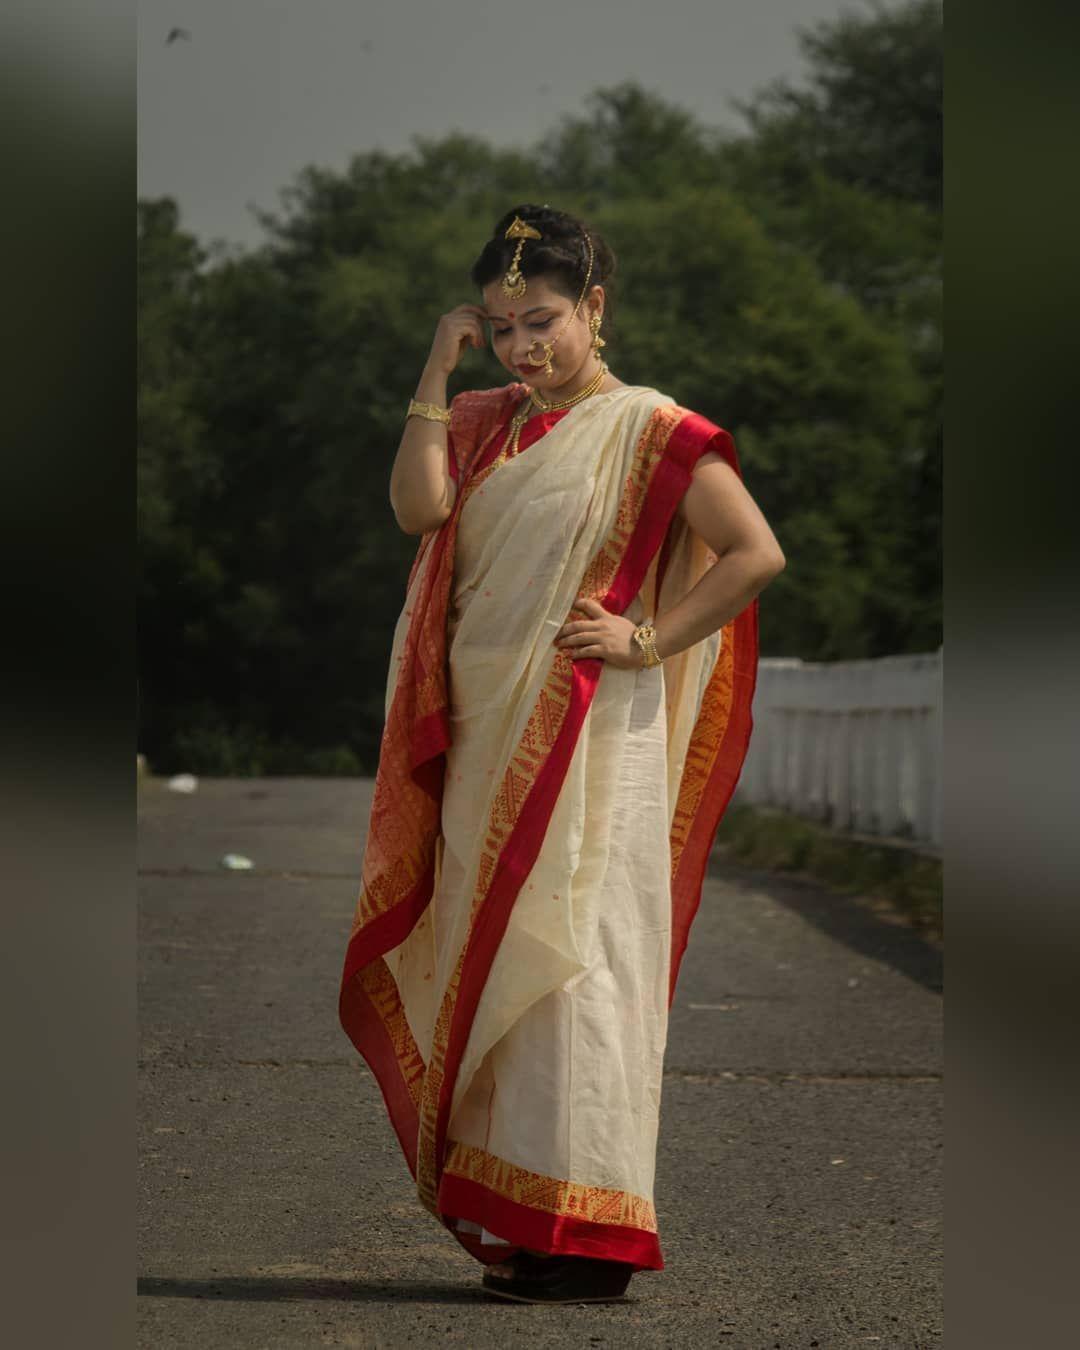 📷📷📷😍😍😍😍😍📸📸📸 . SHOT ON @canonindia_official 1200d . #jigneshboshiya #happiness #framebyankit #nustaharamkhor #maibhisadakchap #vineestudio #canon #portrait #roshugulla #shutterhubindia #shwetamalhotra03 #instagram #trending #travel #photography #photoshoot #girlshoot #girl #girlphotoshoot #model #sexy #hotgirl #pose #vineestudio #_iic #model #portrait #potraitphotography #instagram #jigneshportraits #india #bangali #bangalilook @jvfilms_ @mumbai.portraits @mannshindephotography @portra